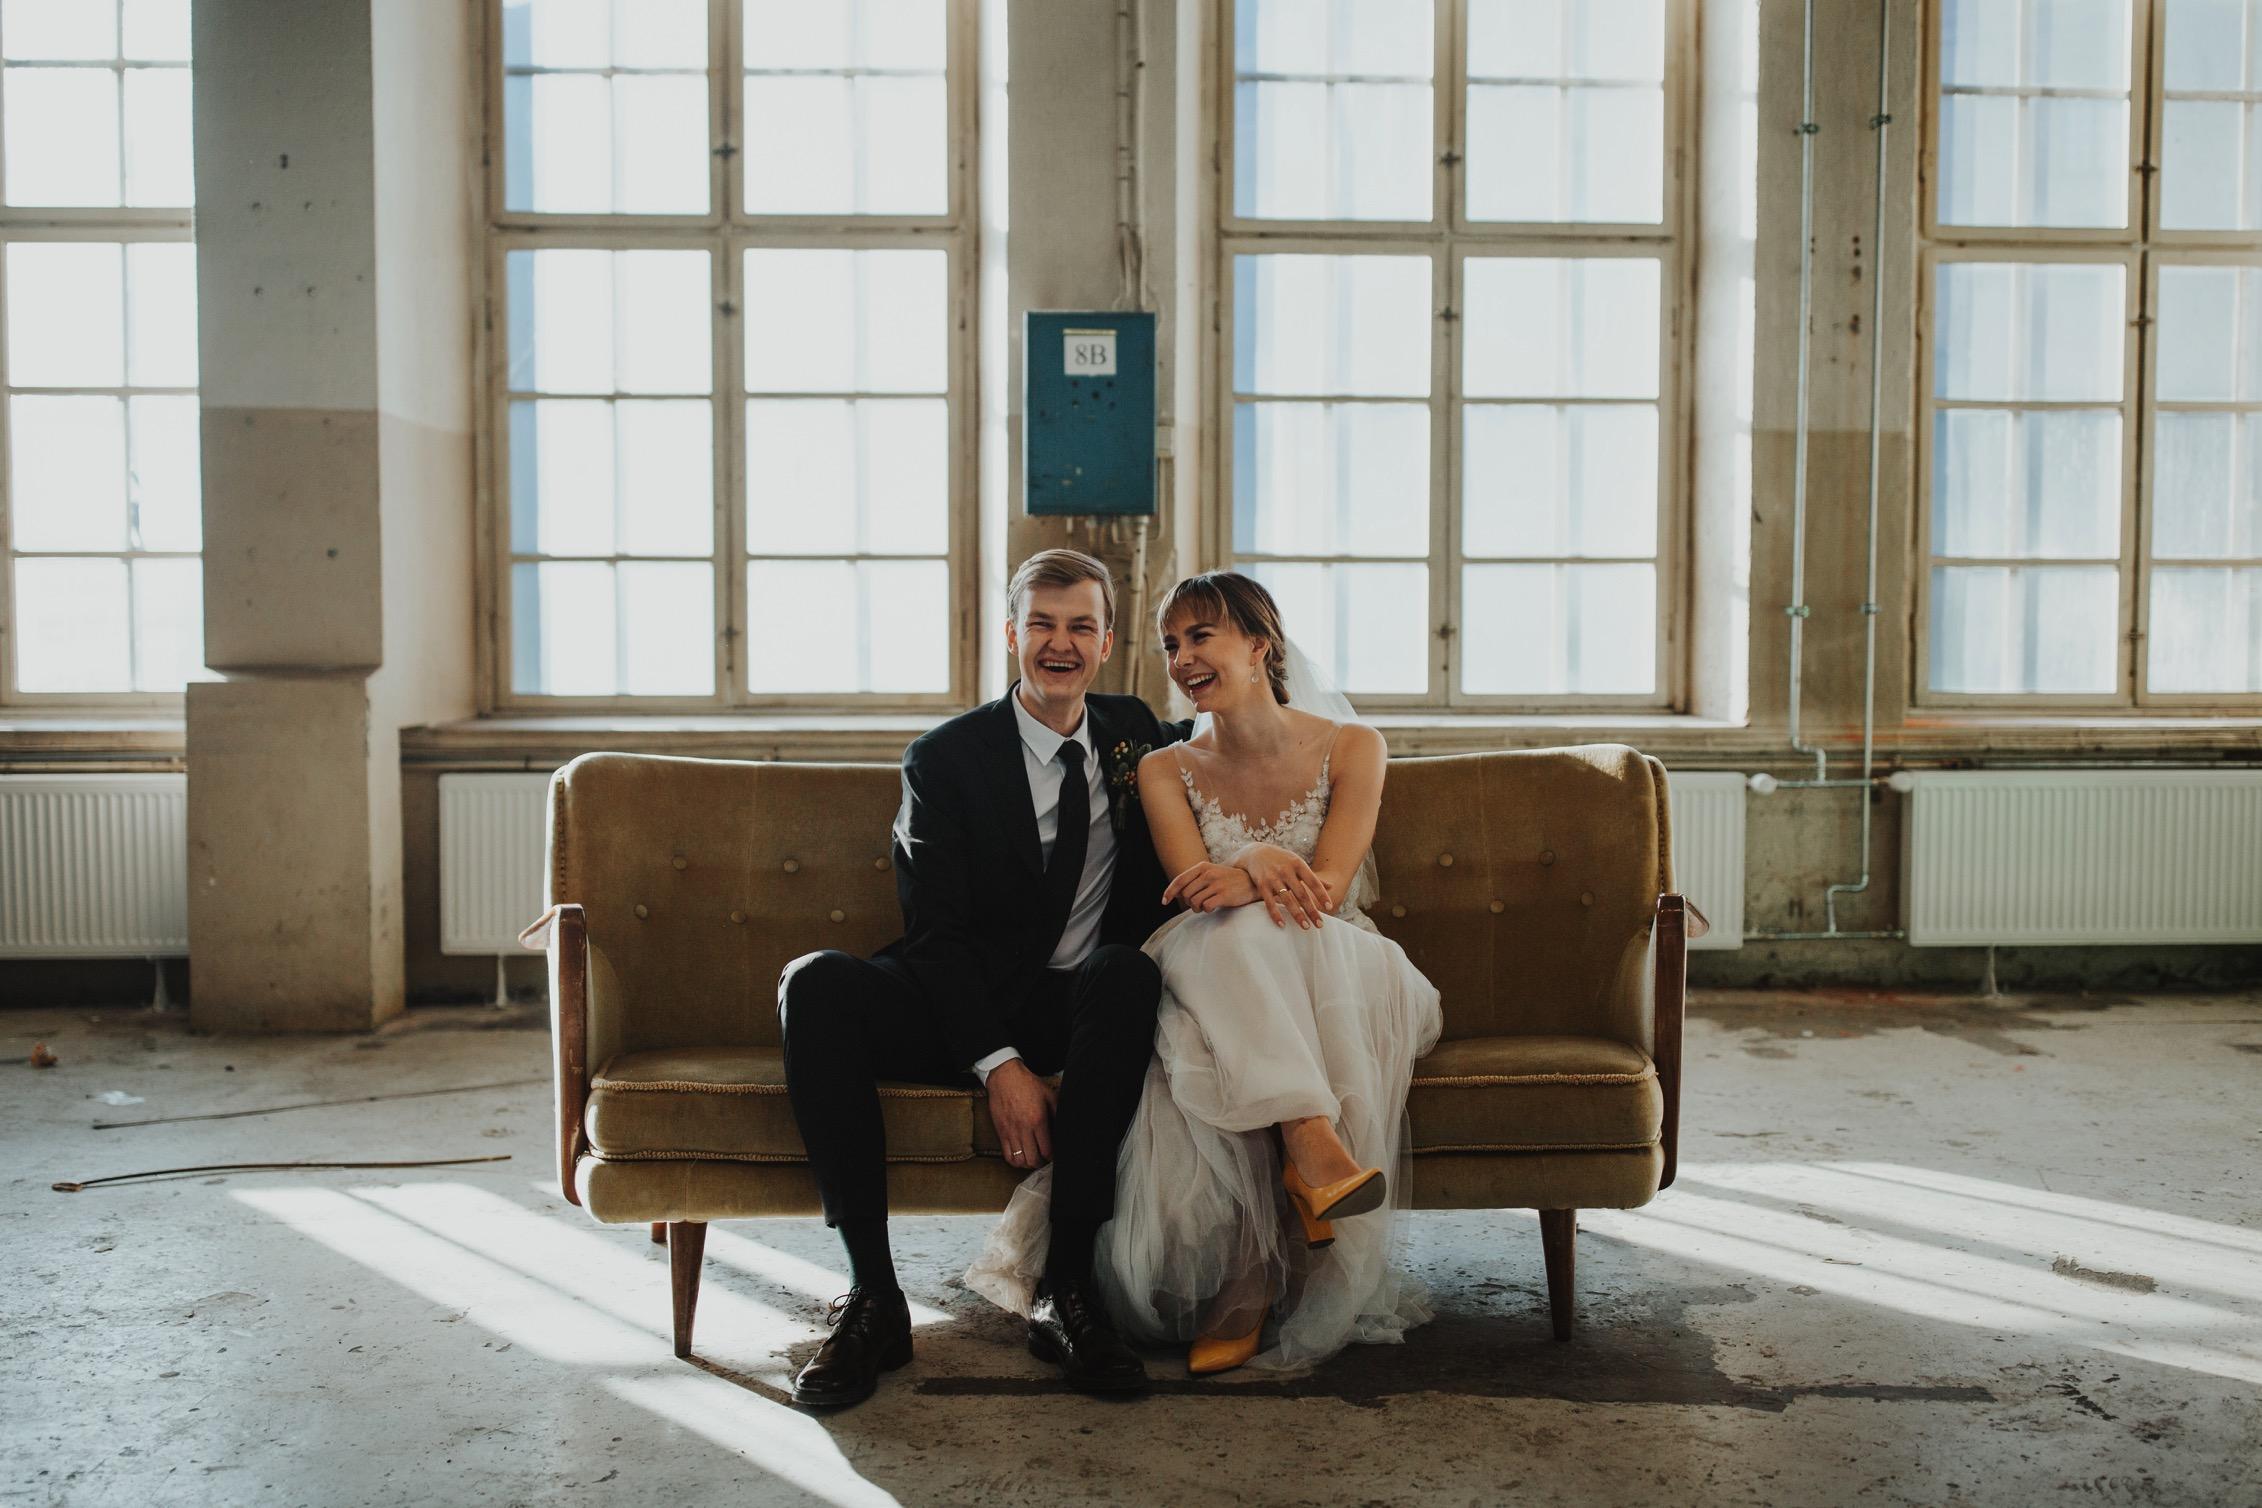 2017 wedding 2017 0067.jpg